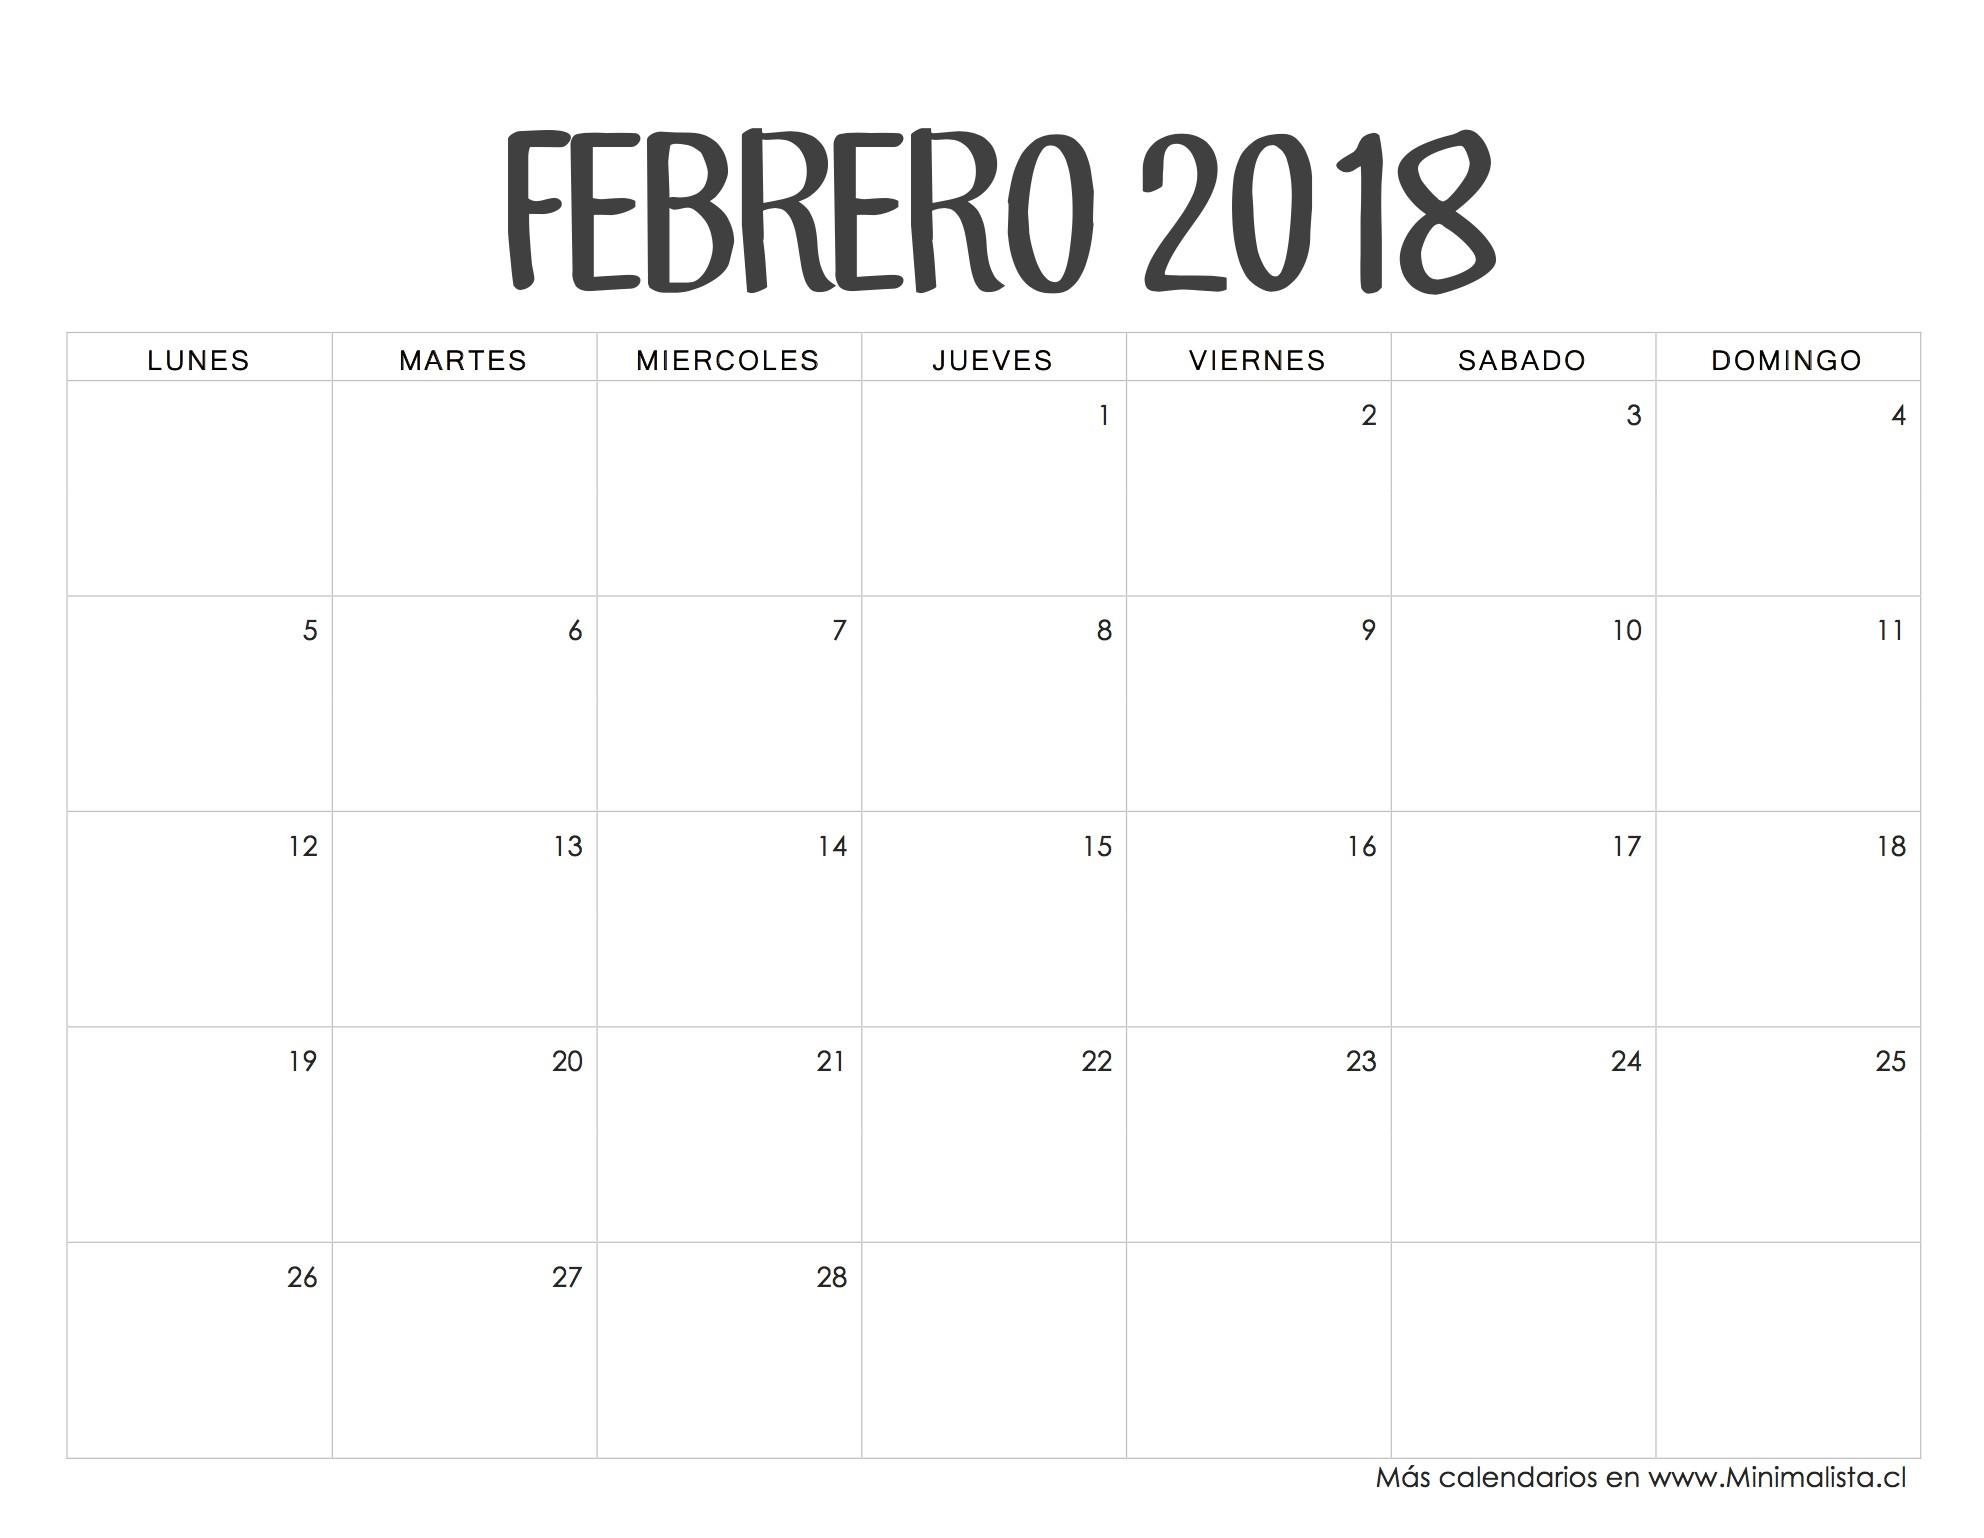 Calendario 2019 Dias Festivos Colombia Mejores Y Más Novedosos Calendario Febrero 2018 Calendarios Pinterest Of Calendario 2019 Dias Festivos Colombia Más Arriba-a-fecha Pin De Calendario Hispano En Calendario Con Feriados A±o 2020